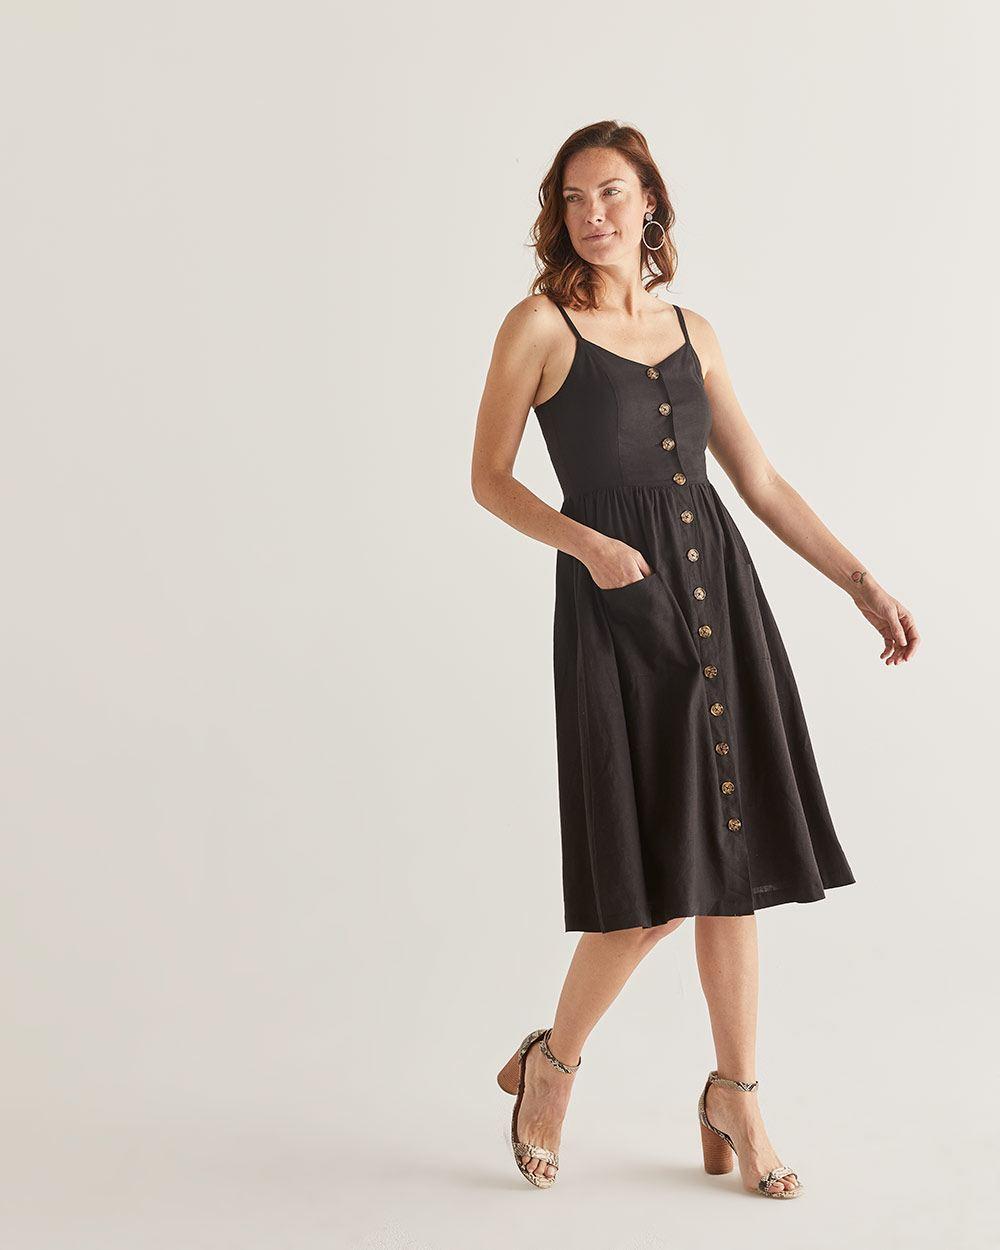 761be0a60e6 Linen-Blend Fit   Flare Midi Dress - Petite